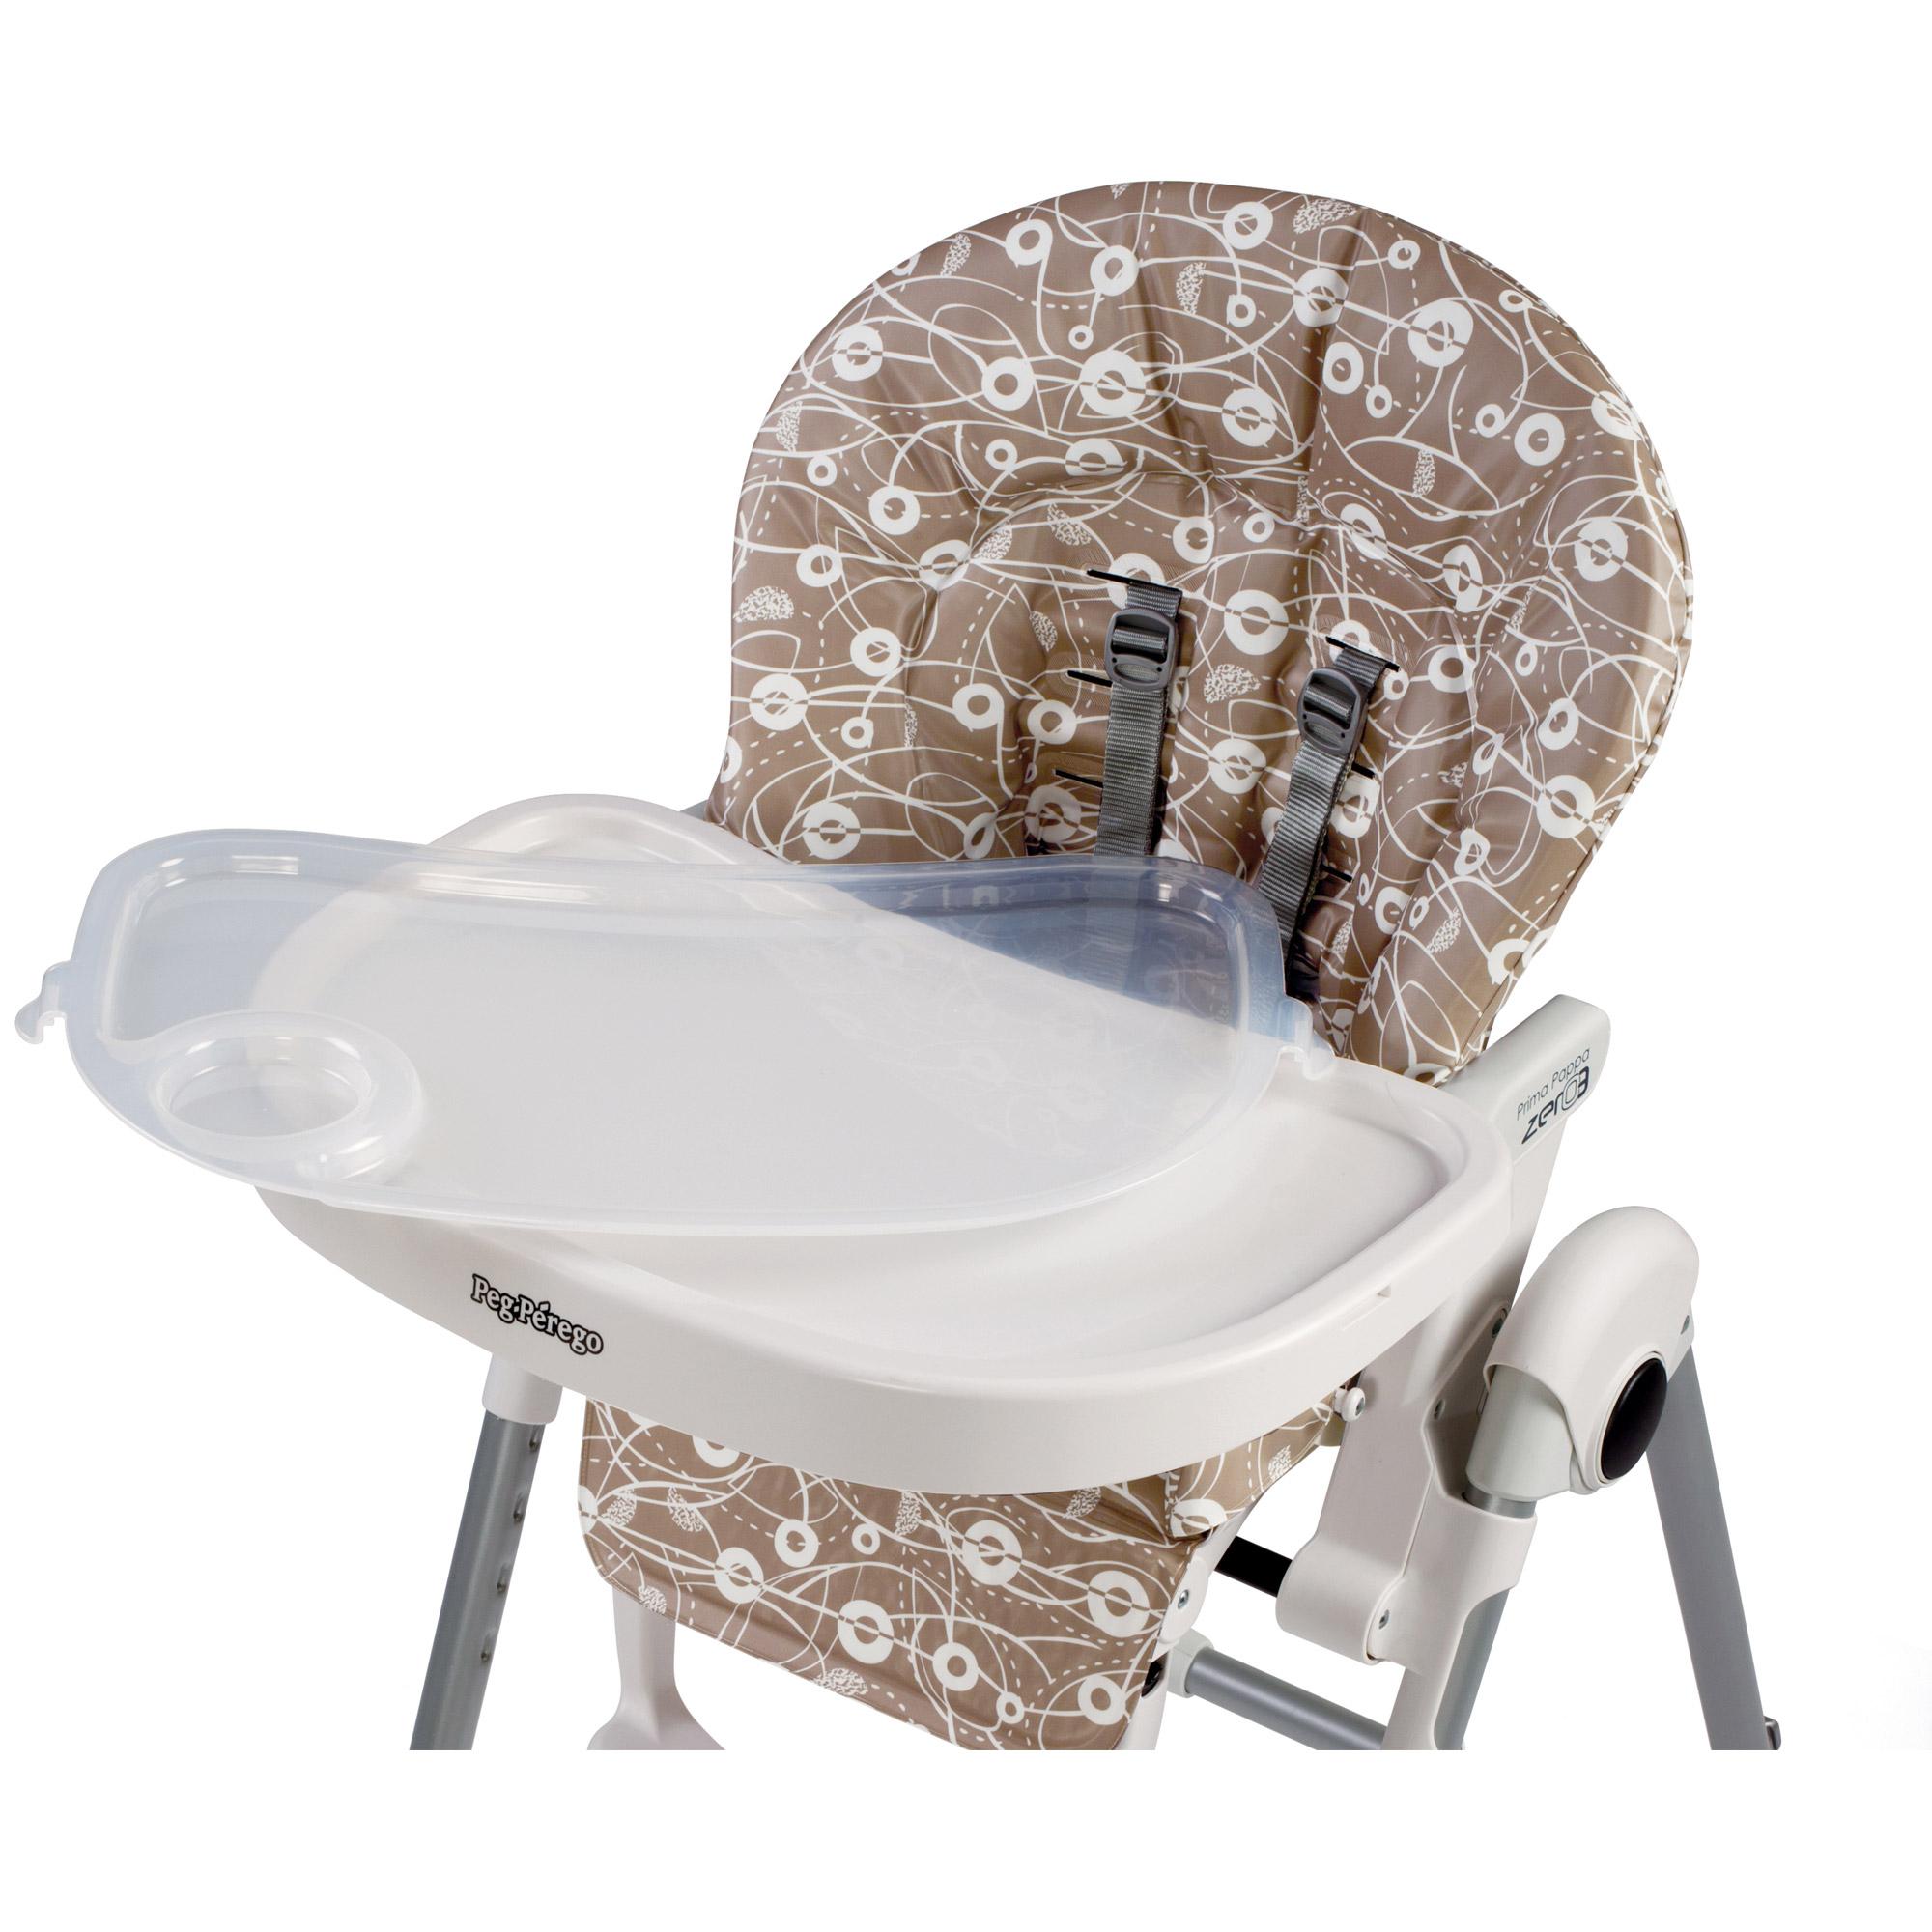 Peg perego prima pappa zero3 2018 chaise haute comparer avec - Chaise haute peg perego zero 3 ...